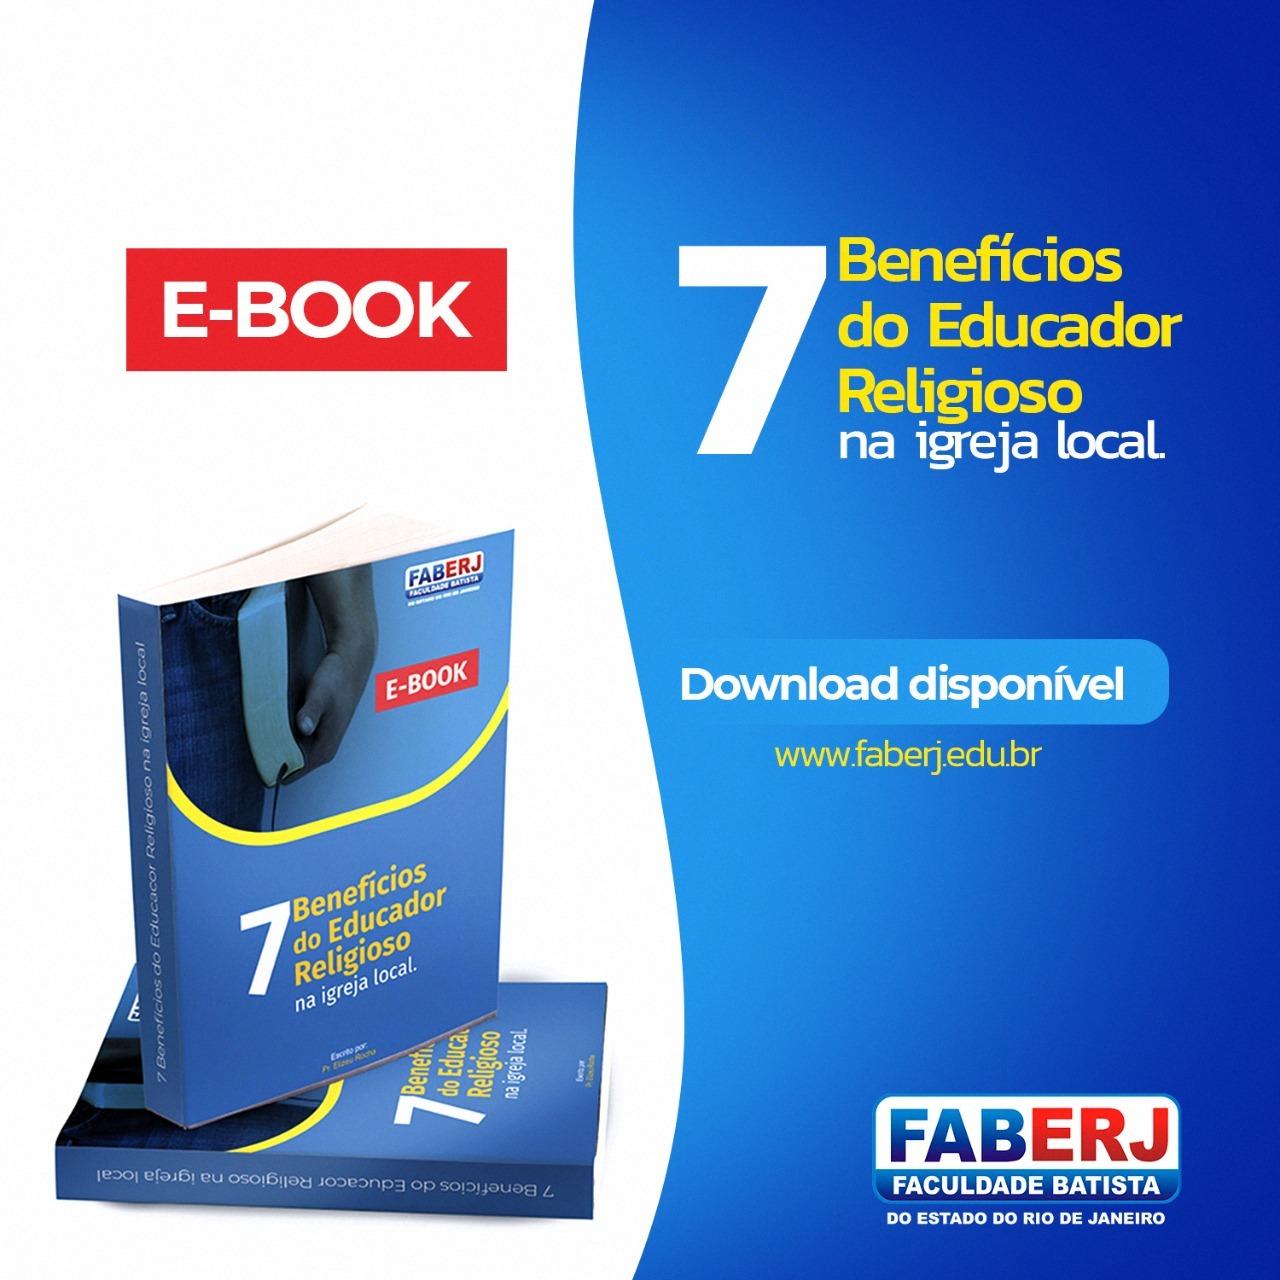 E-book 7 Benefícios do Educador Religioso